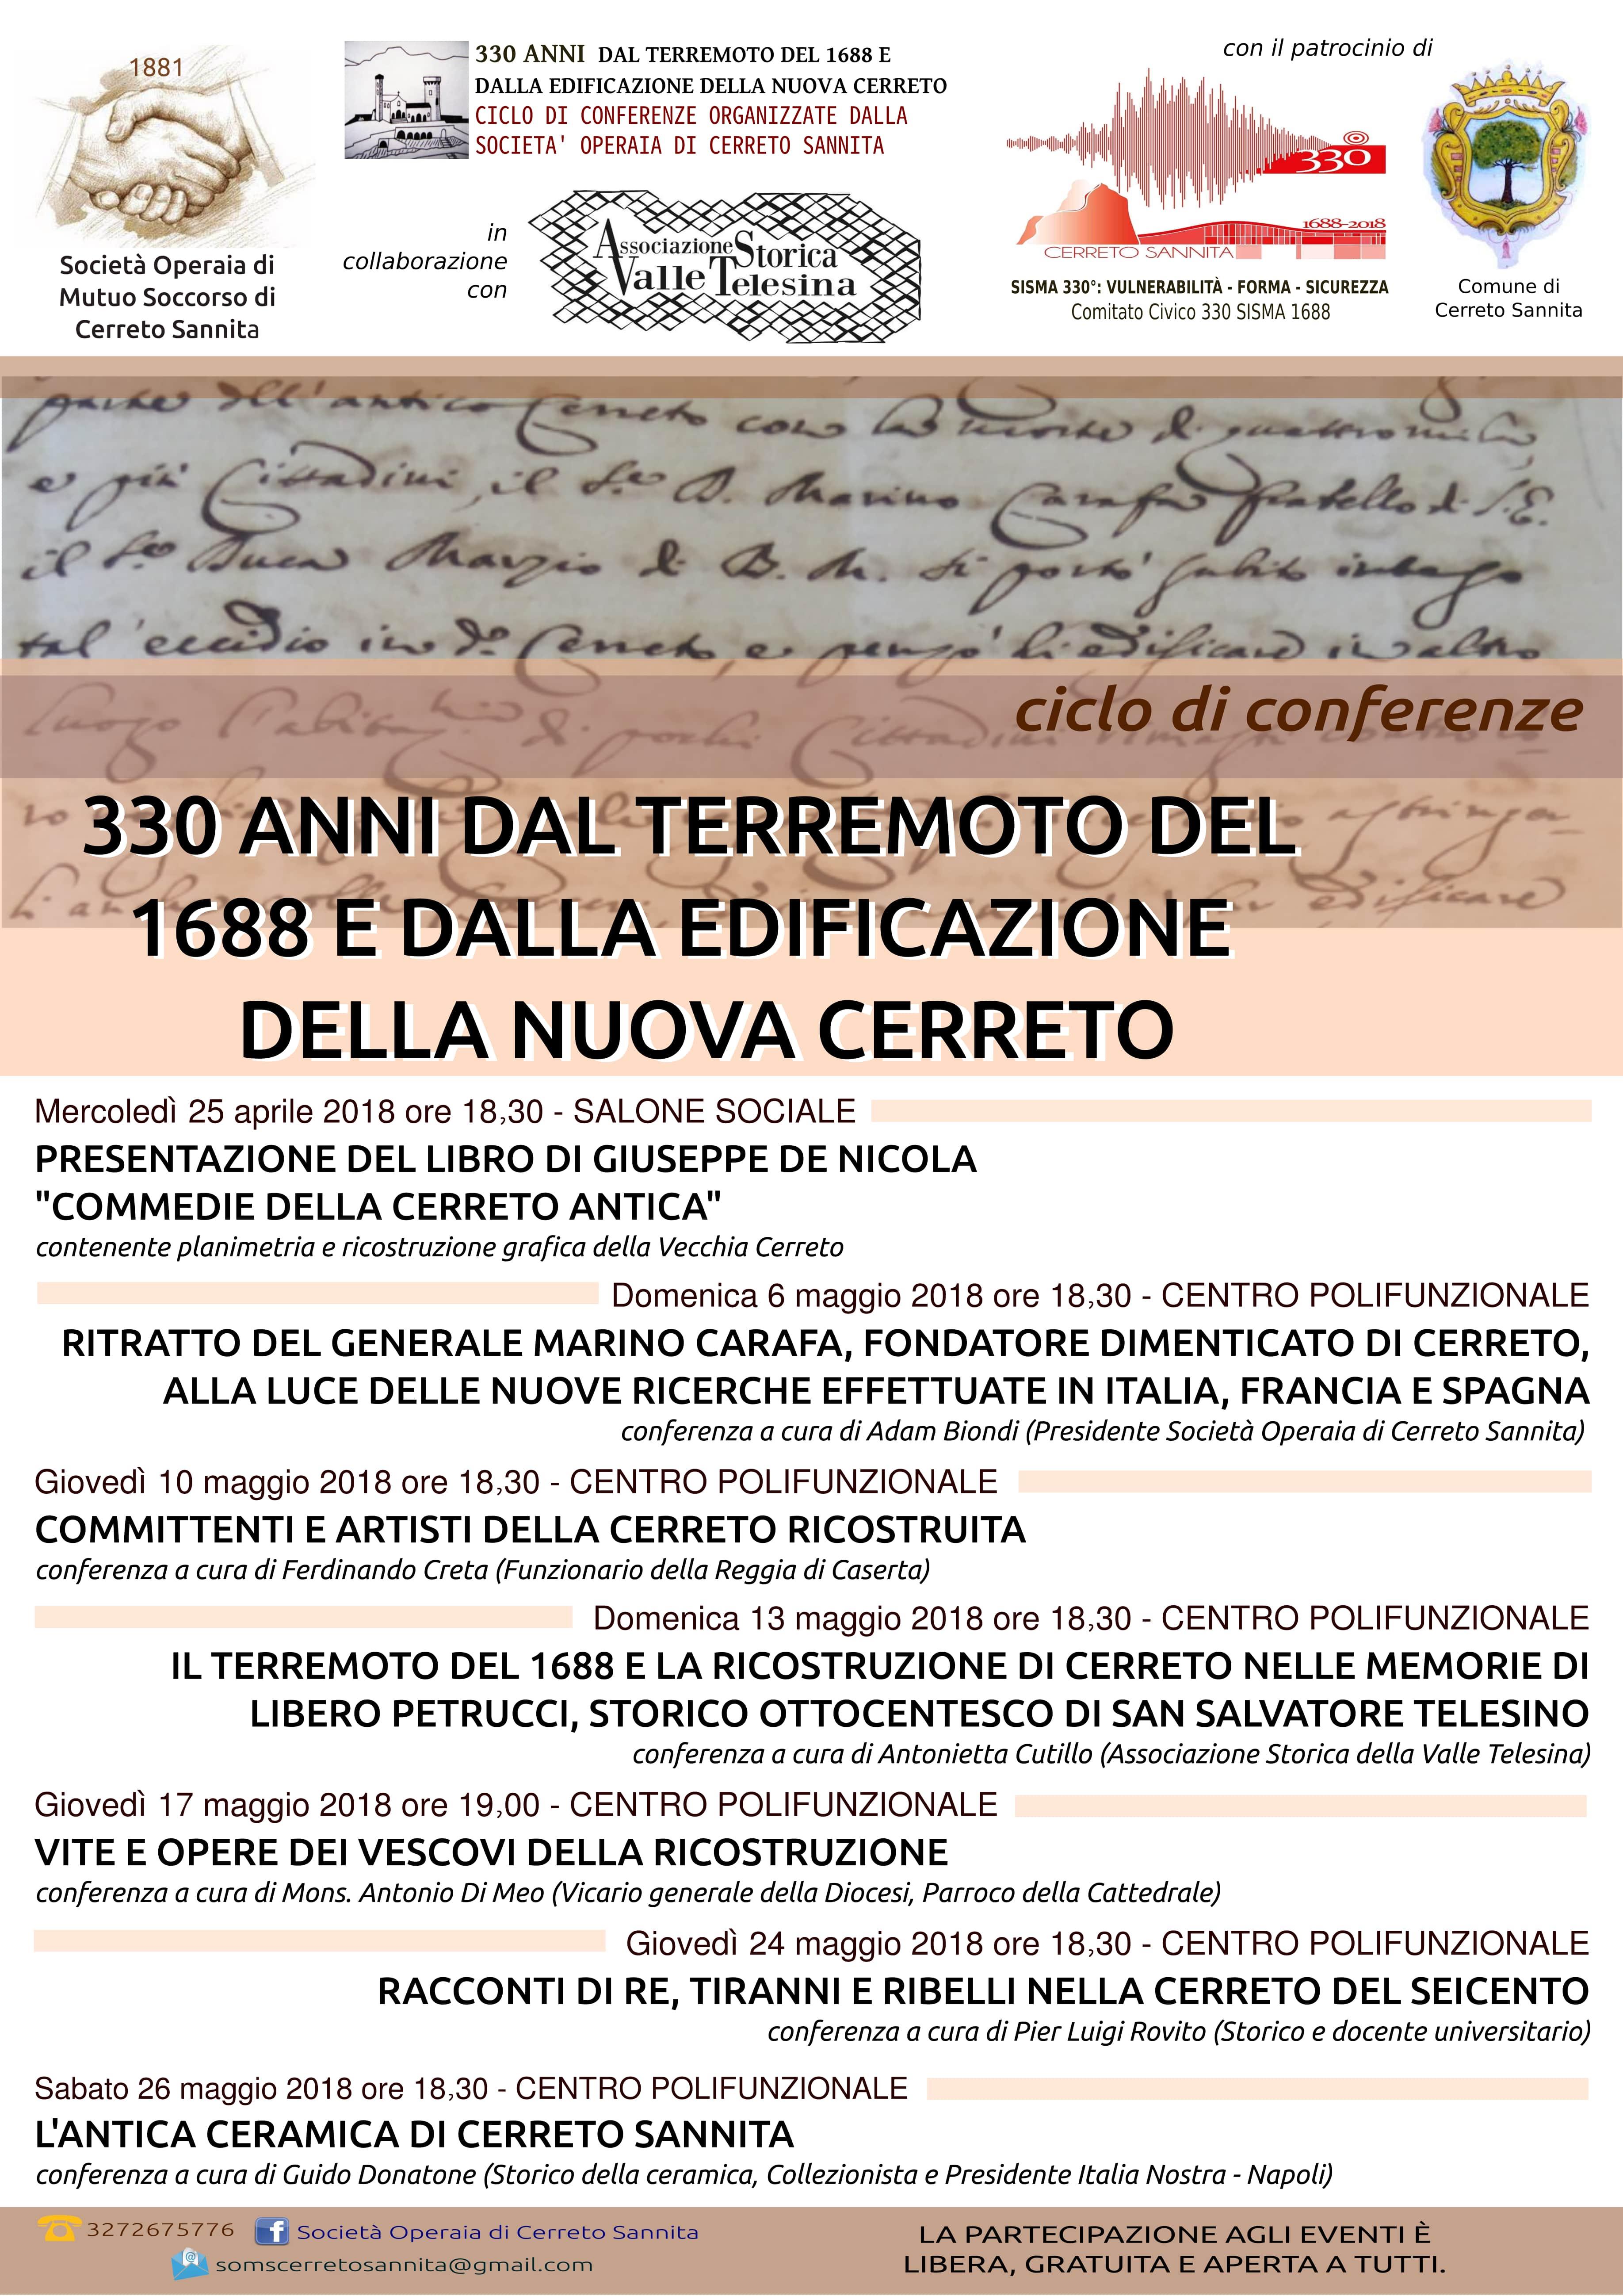 Programma Ciclo di conferenze 330 anni dal terremoto del 1688 e dall'edificazione della nuova Cerreto